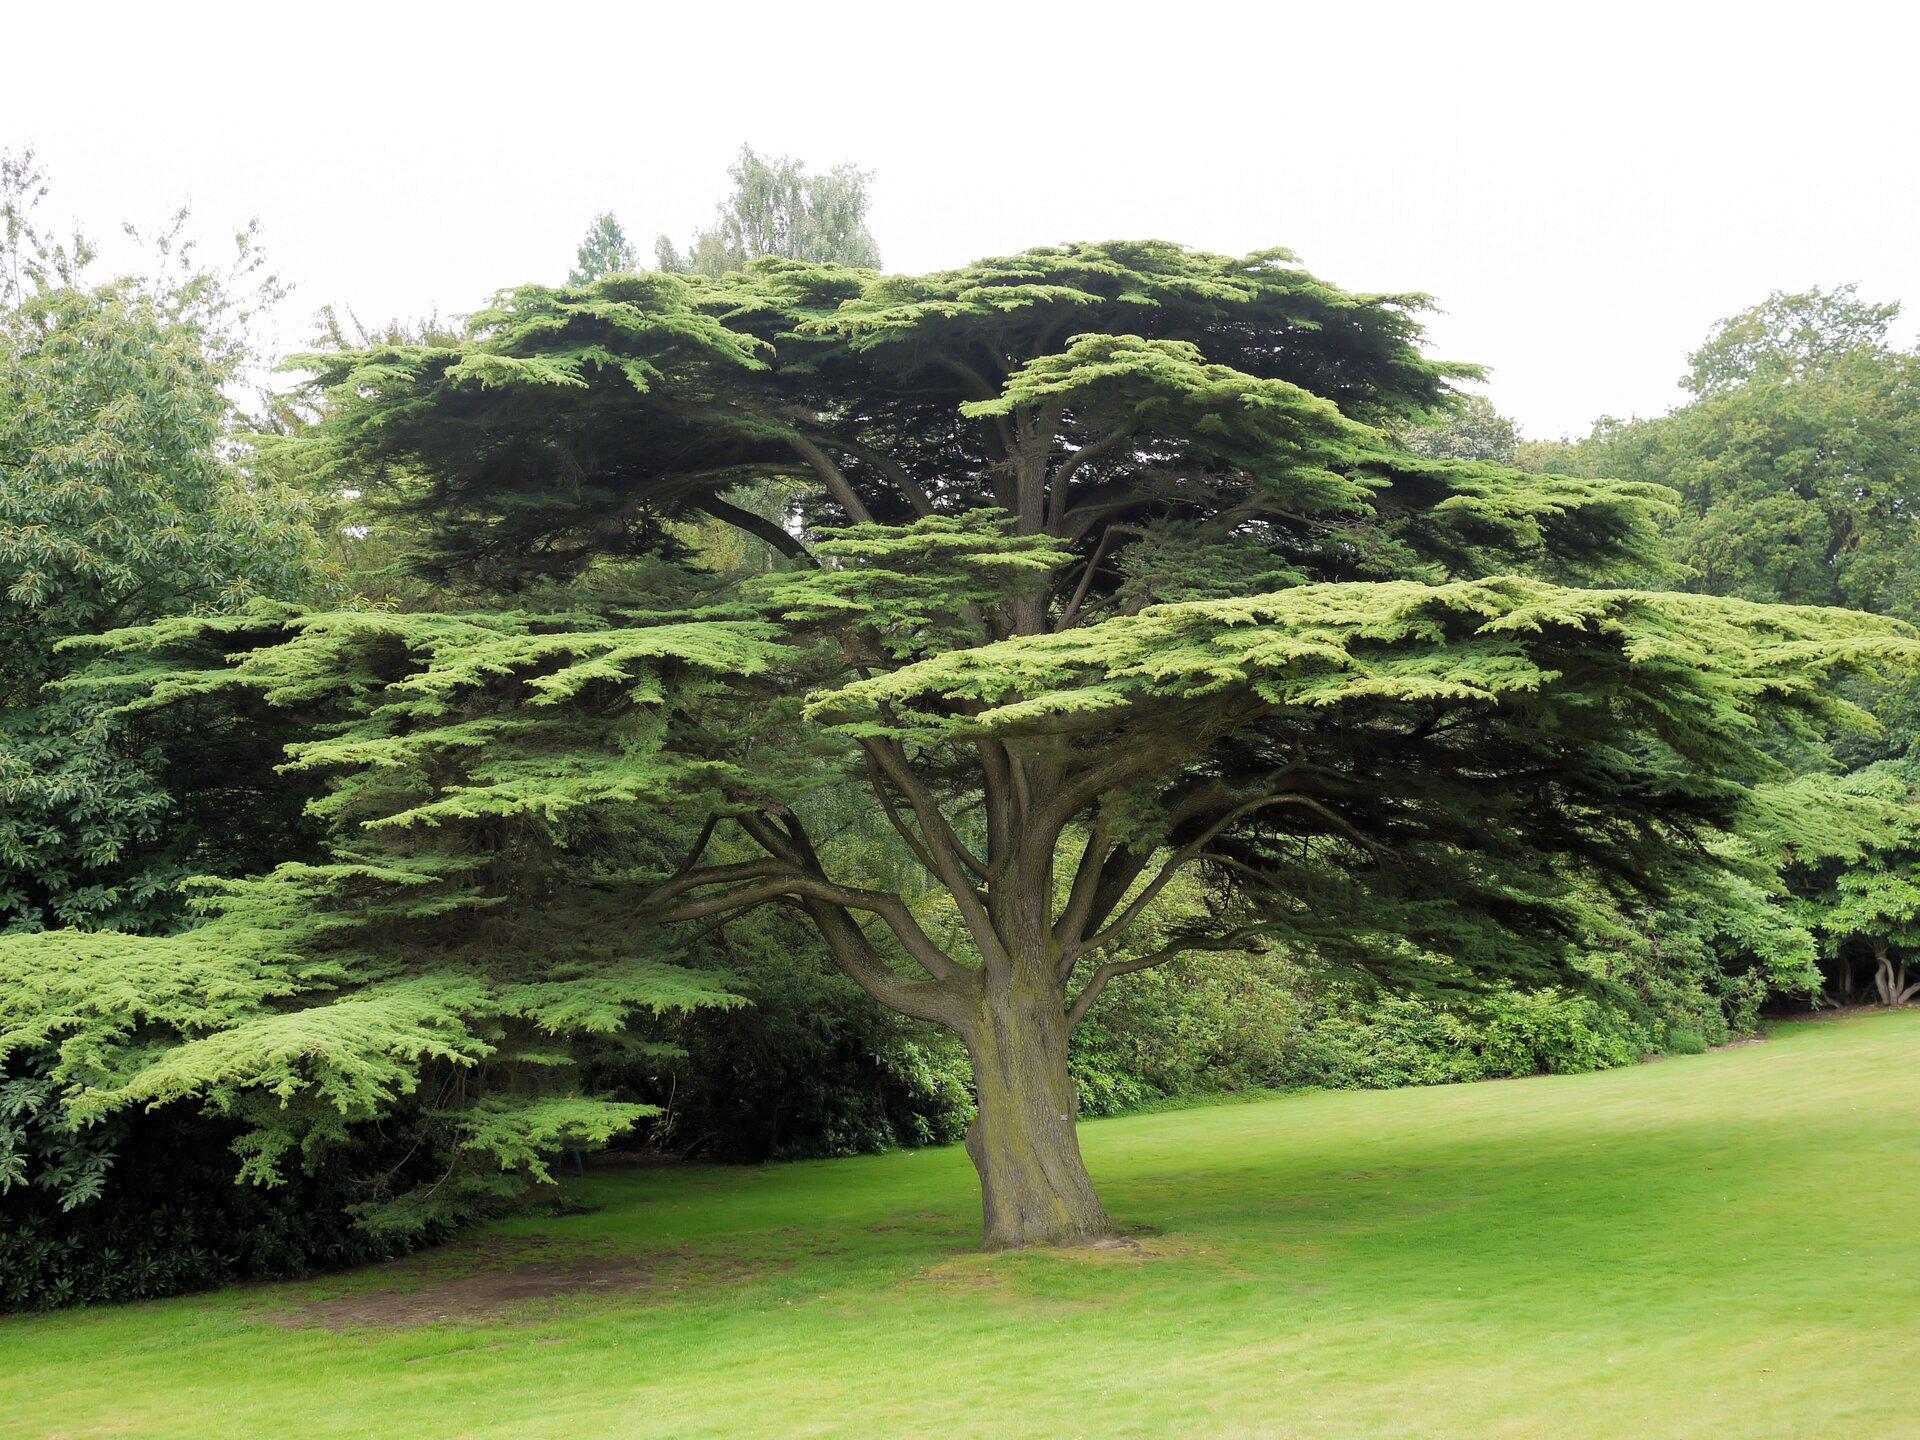 Fotografia prezentuje cedr rosnący samotnie, na tle innych drzew ikrzewów. Cedr jest drzewem iglastym ogrubym pień zrozłożystymi szerokimi gałęziami.